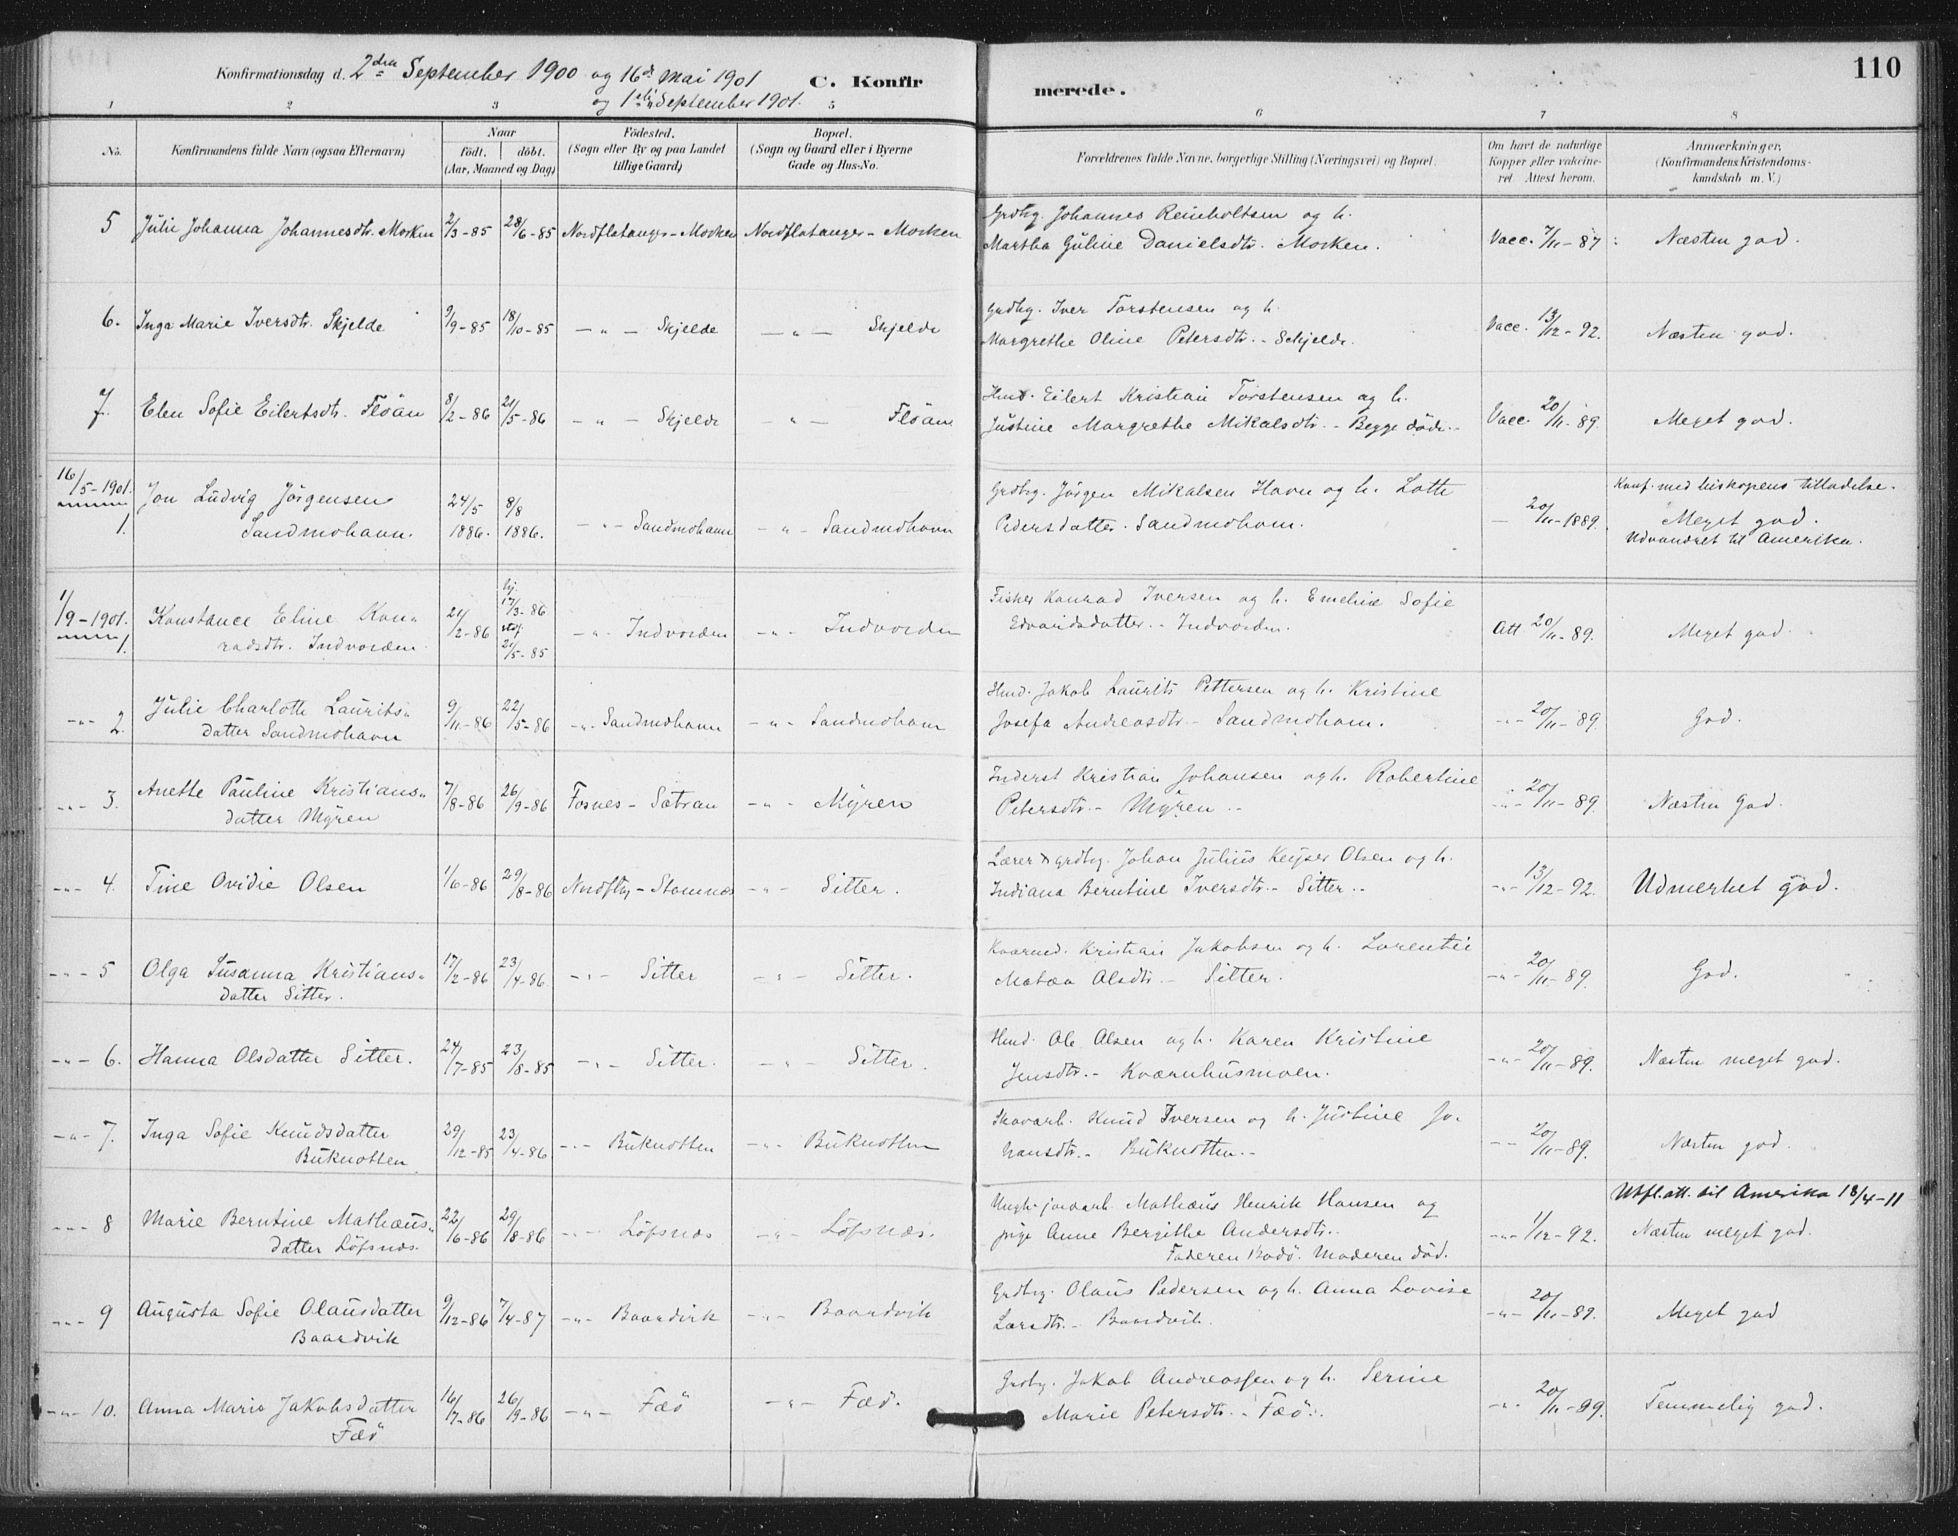 SAT, Ministerialprotokoller, klokkerbøker og fødselsregistre - Nord-Trøndelag, 772/L0603: Ministerialbok nr. 772A01, 1885-1912, s. 110